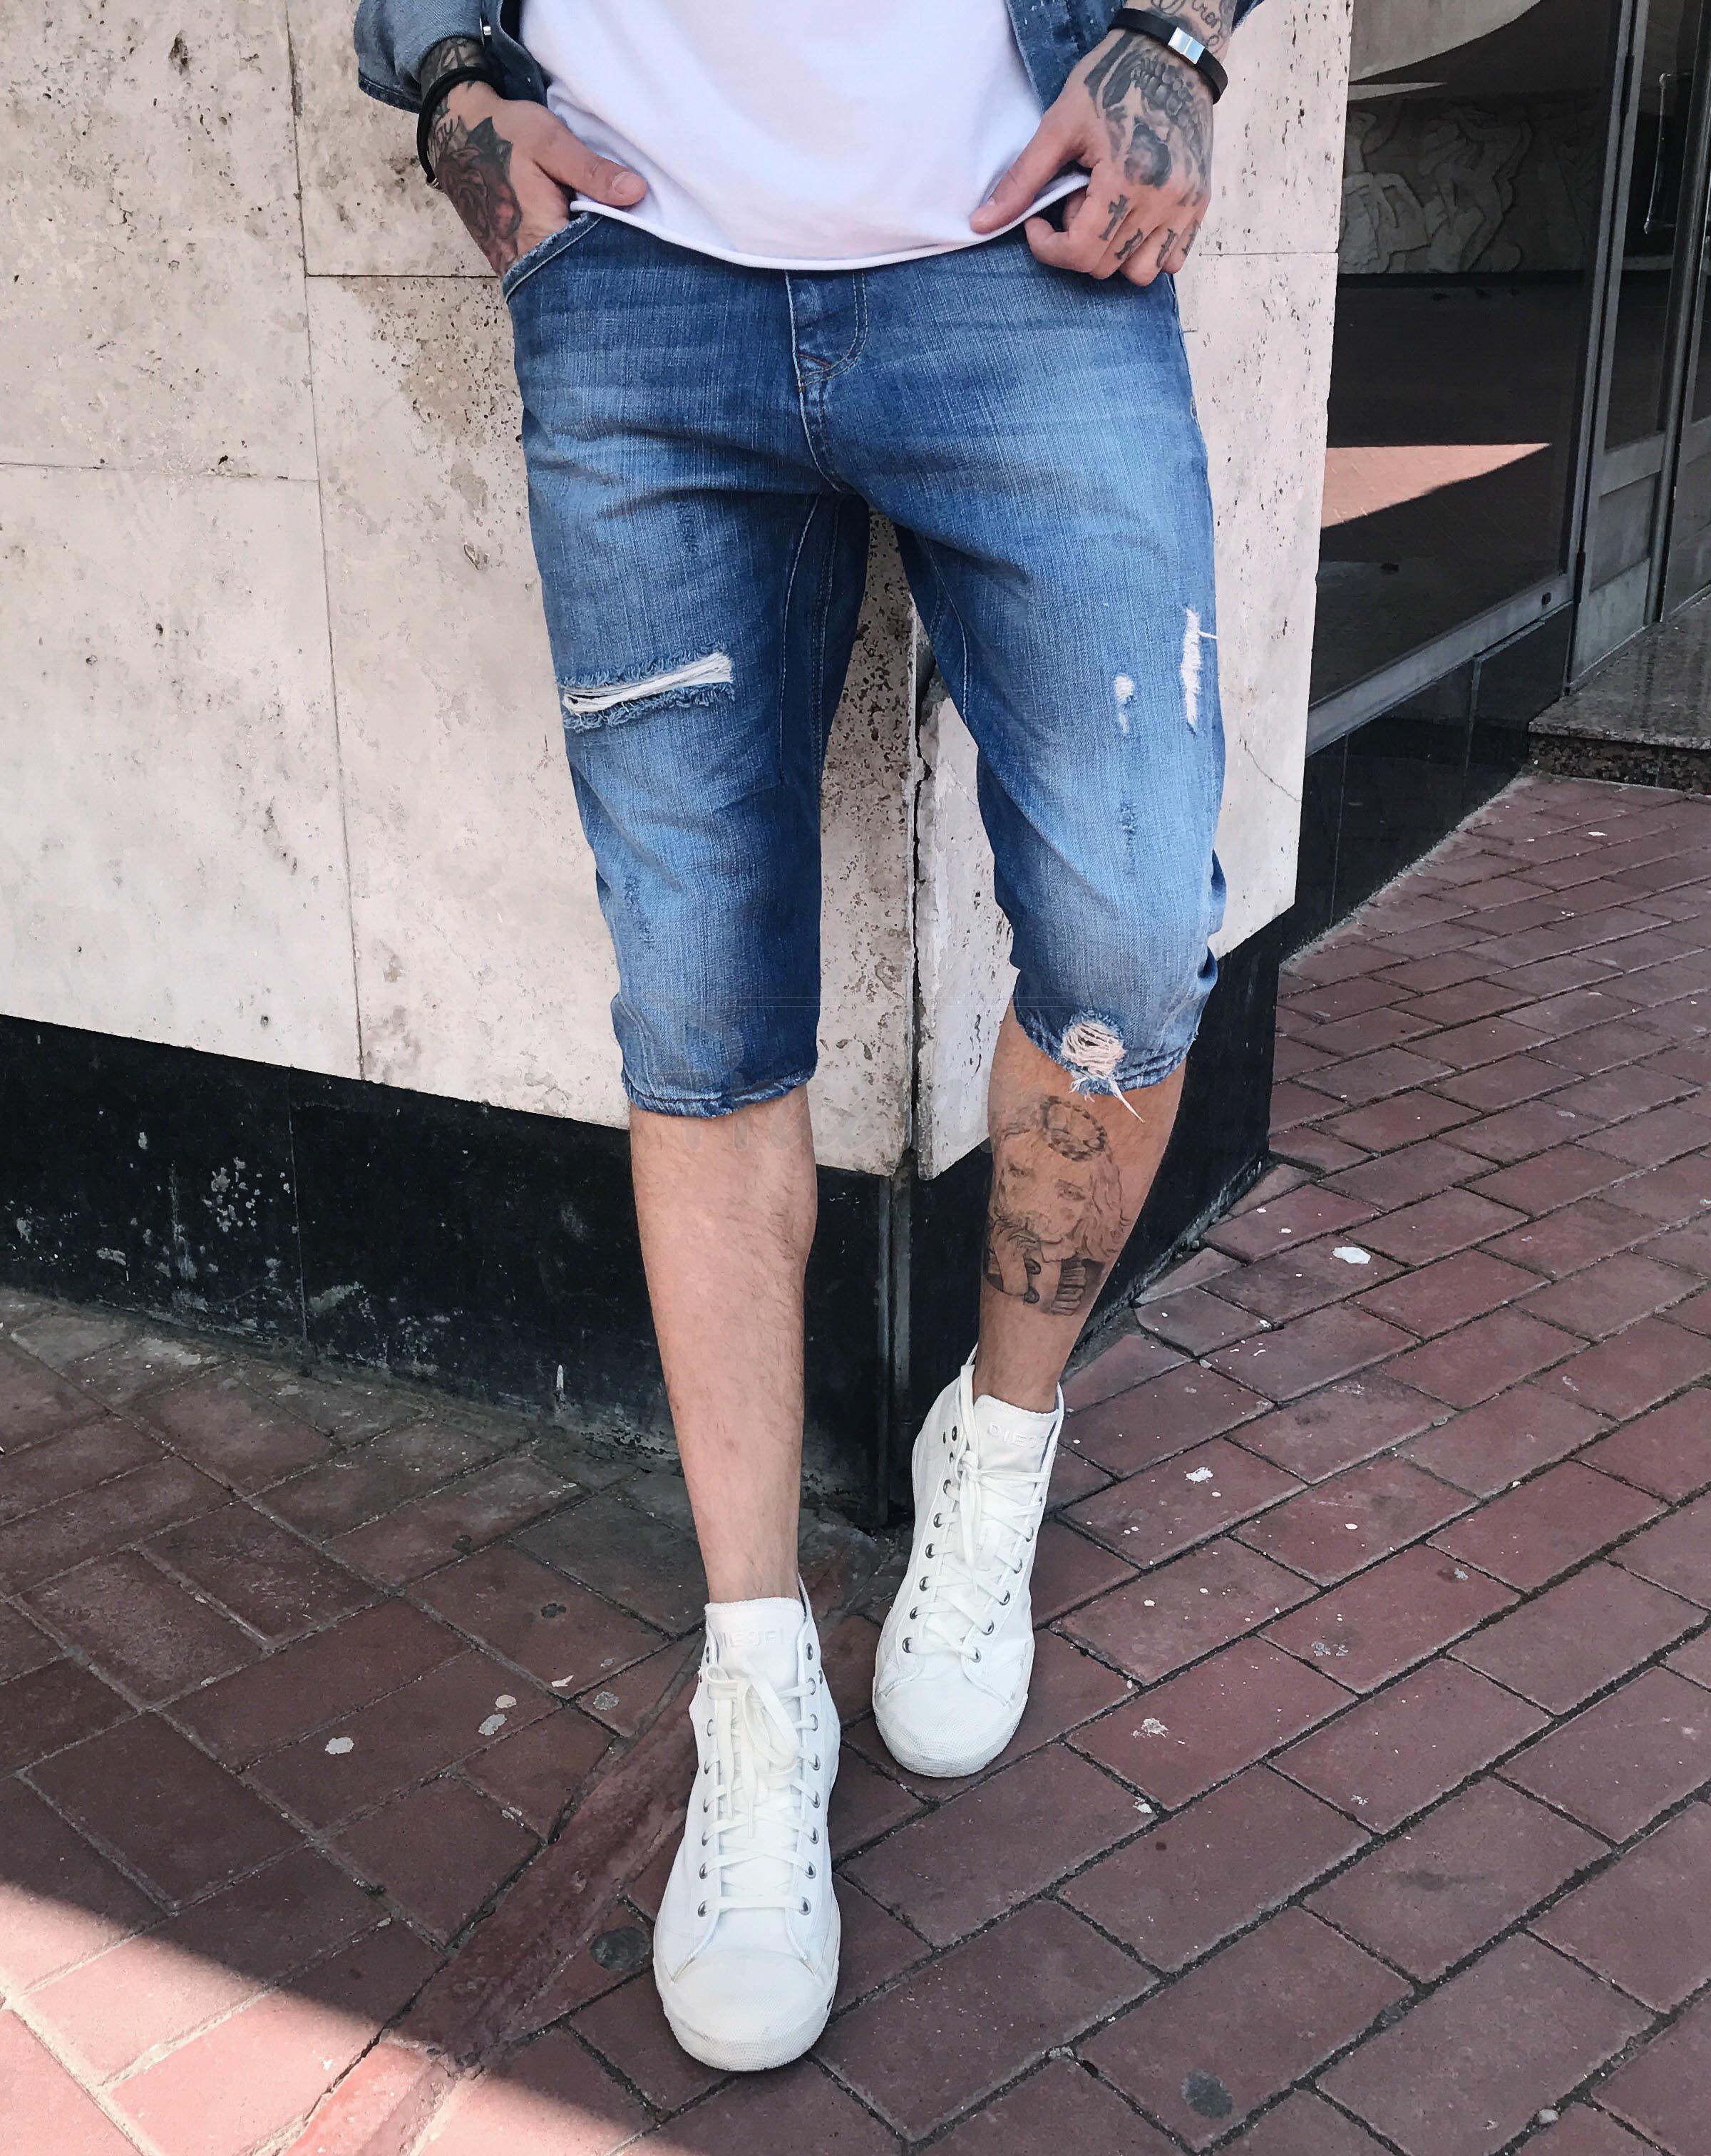 00348 Manzara шорты джинсовые мужские стрейчевые (29,29,30,31,31,34,34,36, 8 ед.)